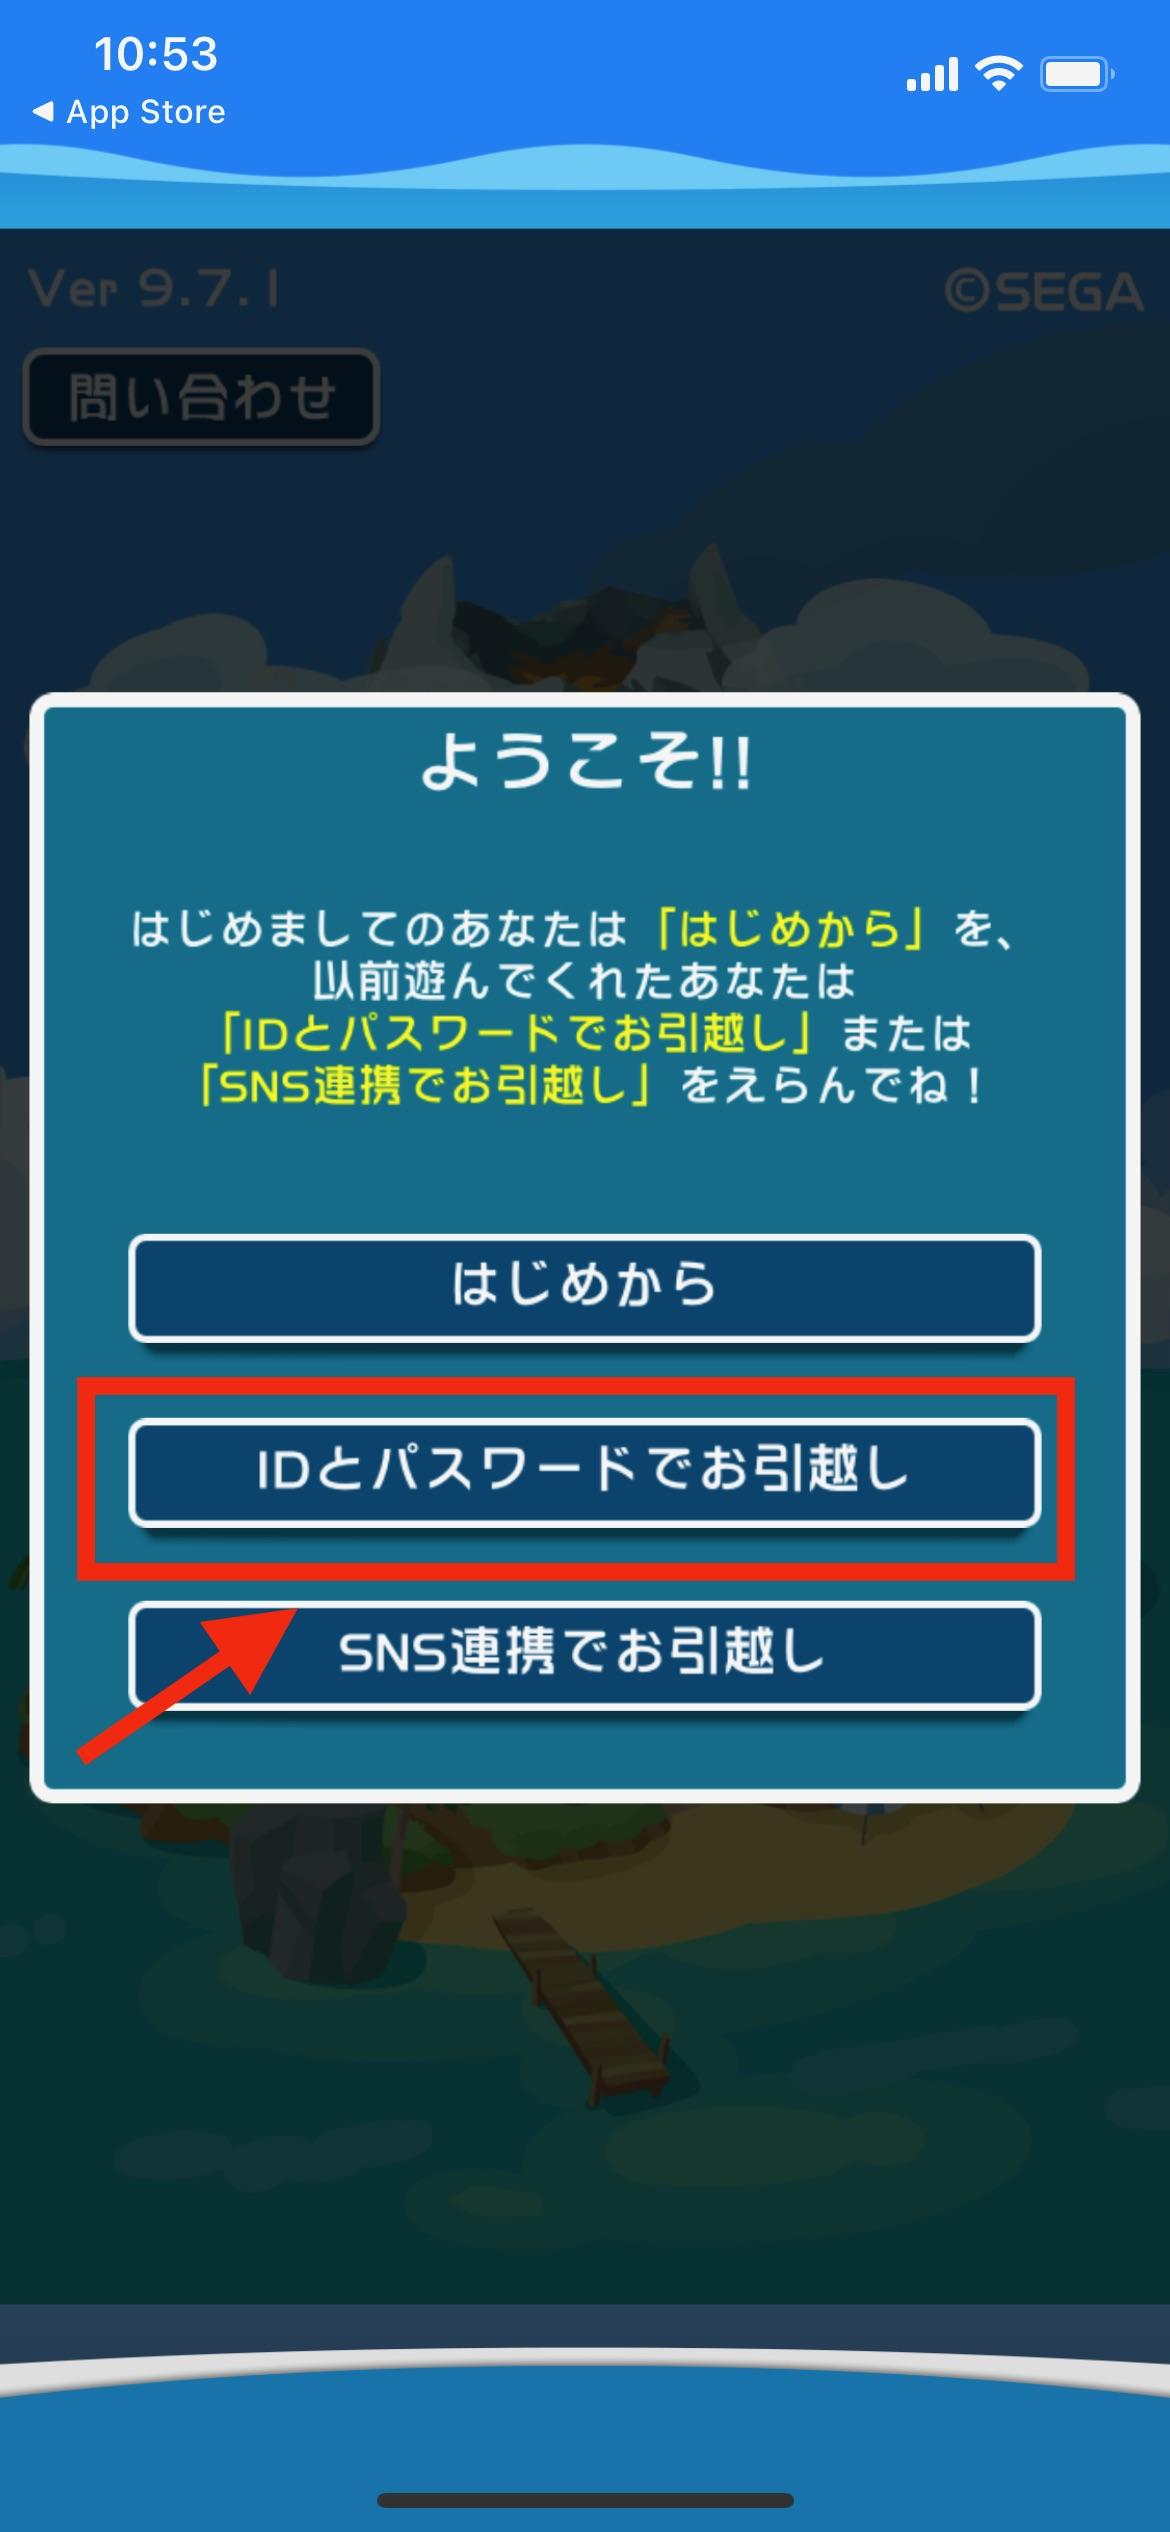 新機種で「IDとパスワードでお引越し」を選択する